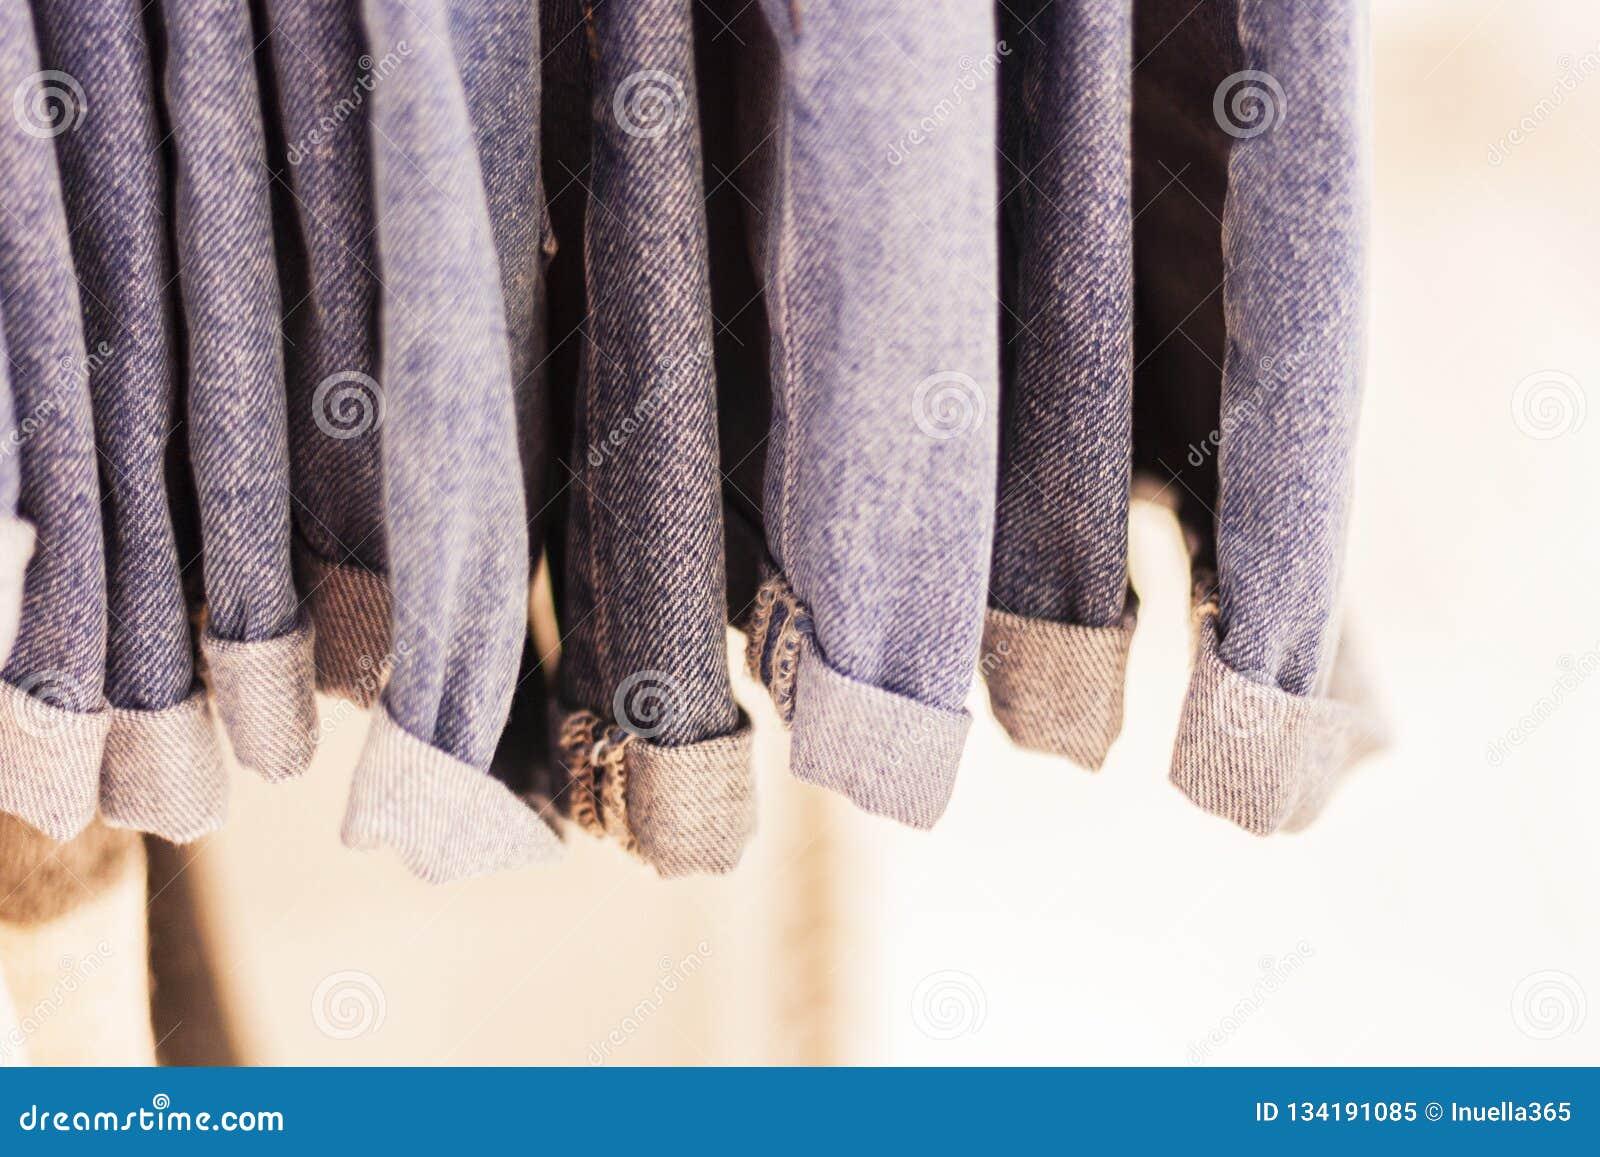 Голубые джинсы в виде магазина на вешалке